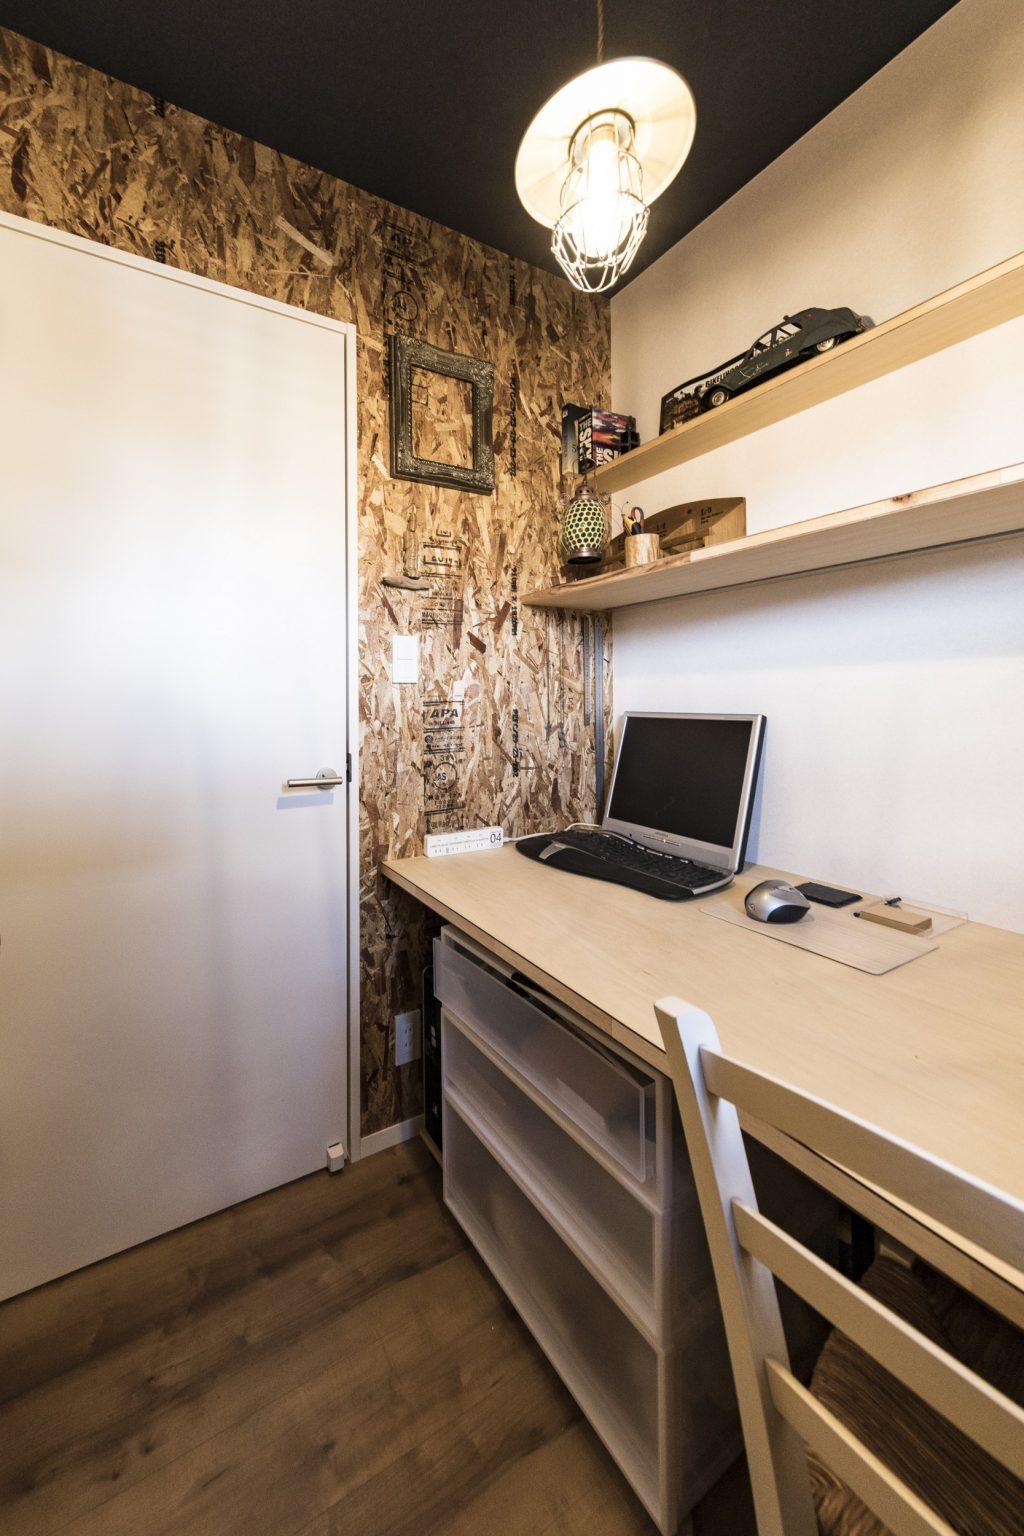 岐阜県瑞穂市の二世帯住宅リノベーション事例の書斎